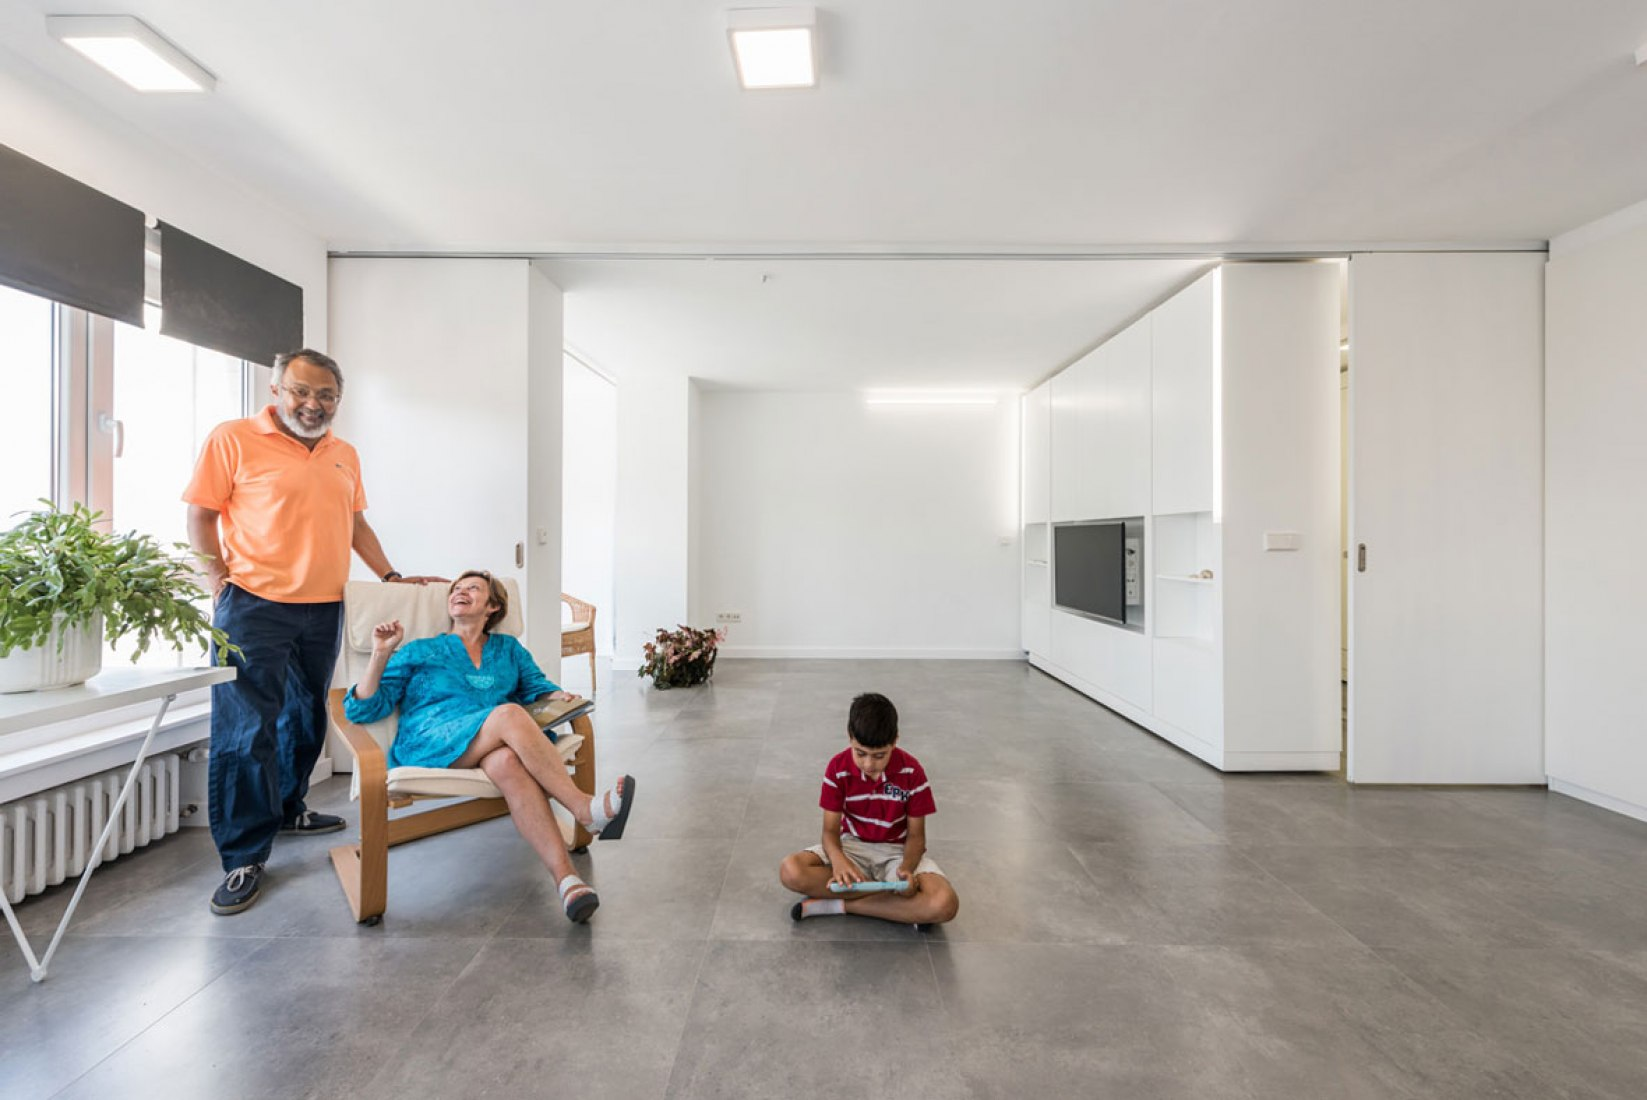 Interior. Casa MJE por PKMN. Fotografía © Javier de Paz García.